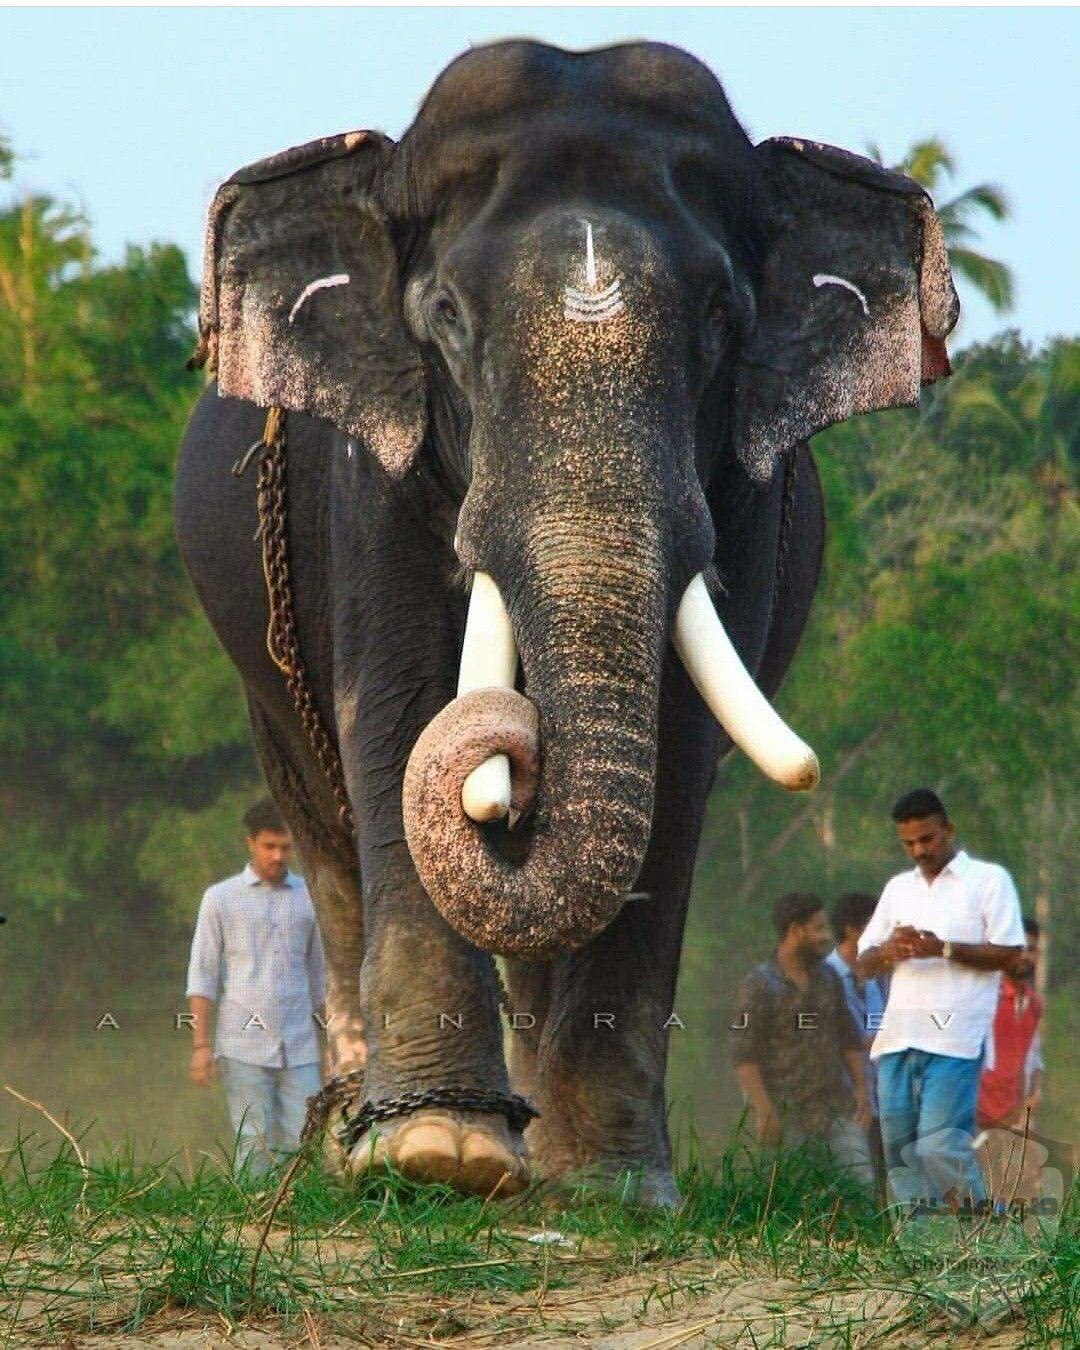 صور الفيل لمحبي الحيوانات وخصوصا الفيل سنقدم لكم مجموعة صور رائعة وجميلة جدا عن حيوان الفيل 5